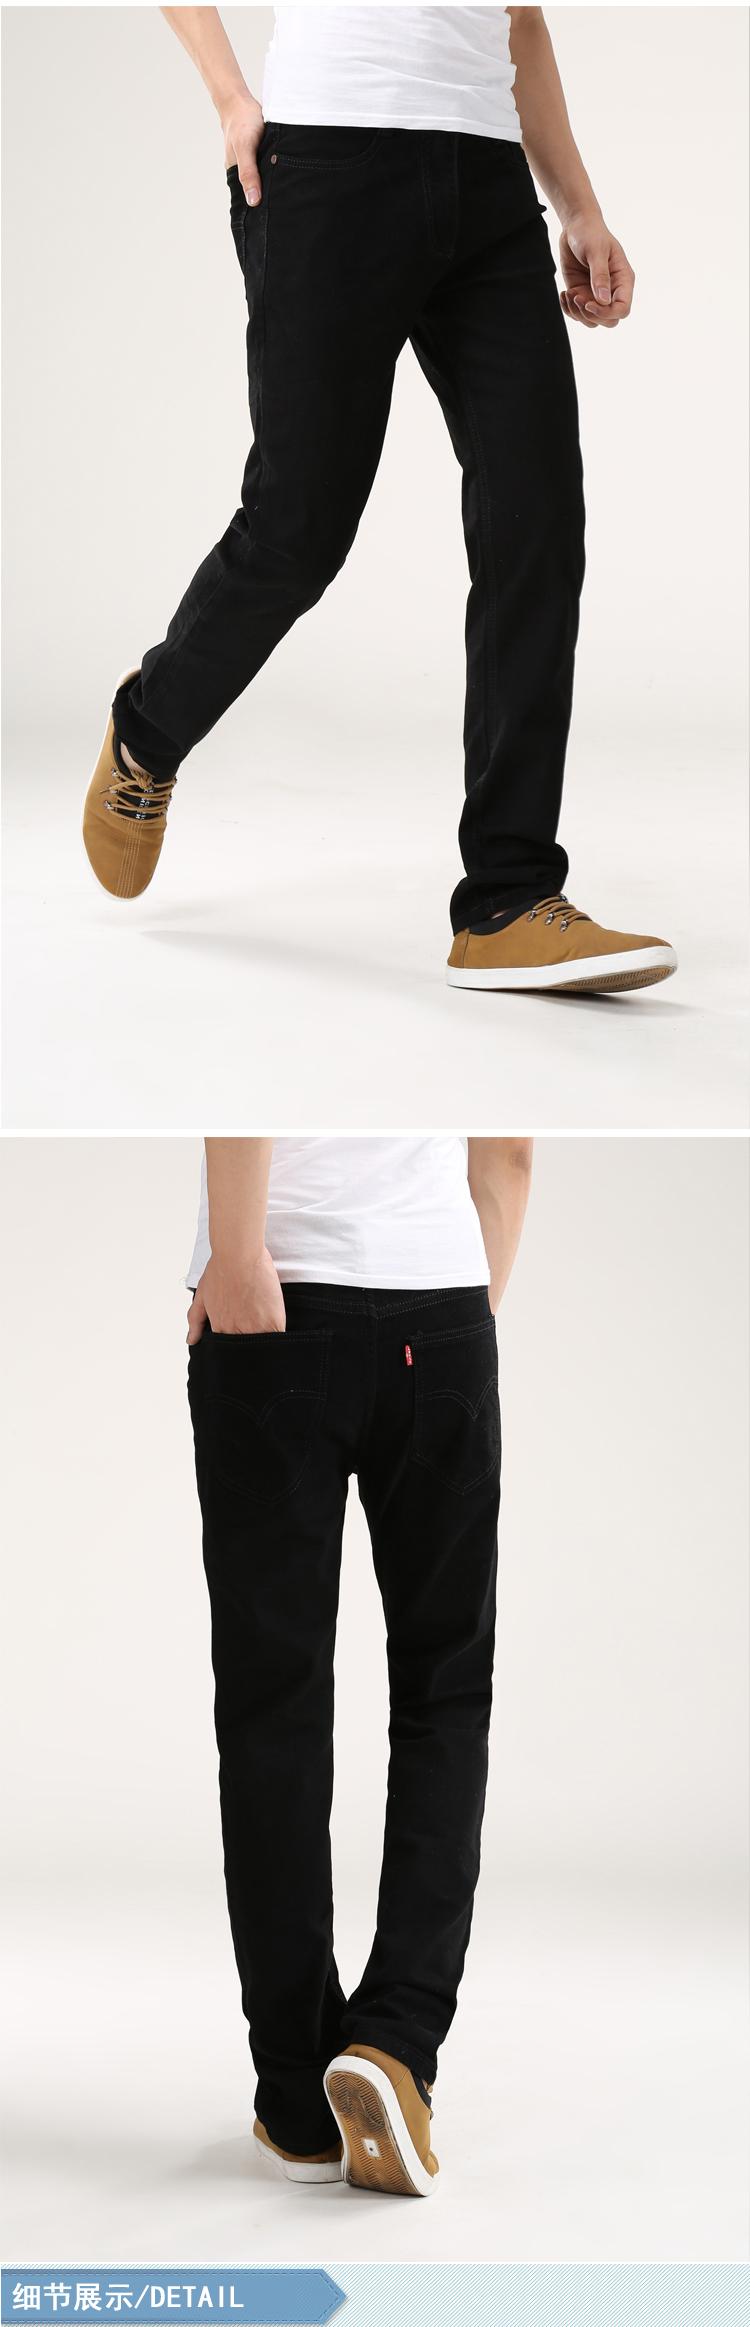 levi`s 牛仔品牌 男牛仔裤 修身黑色牛仔男长裤图片八